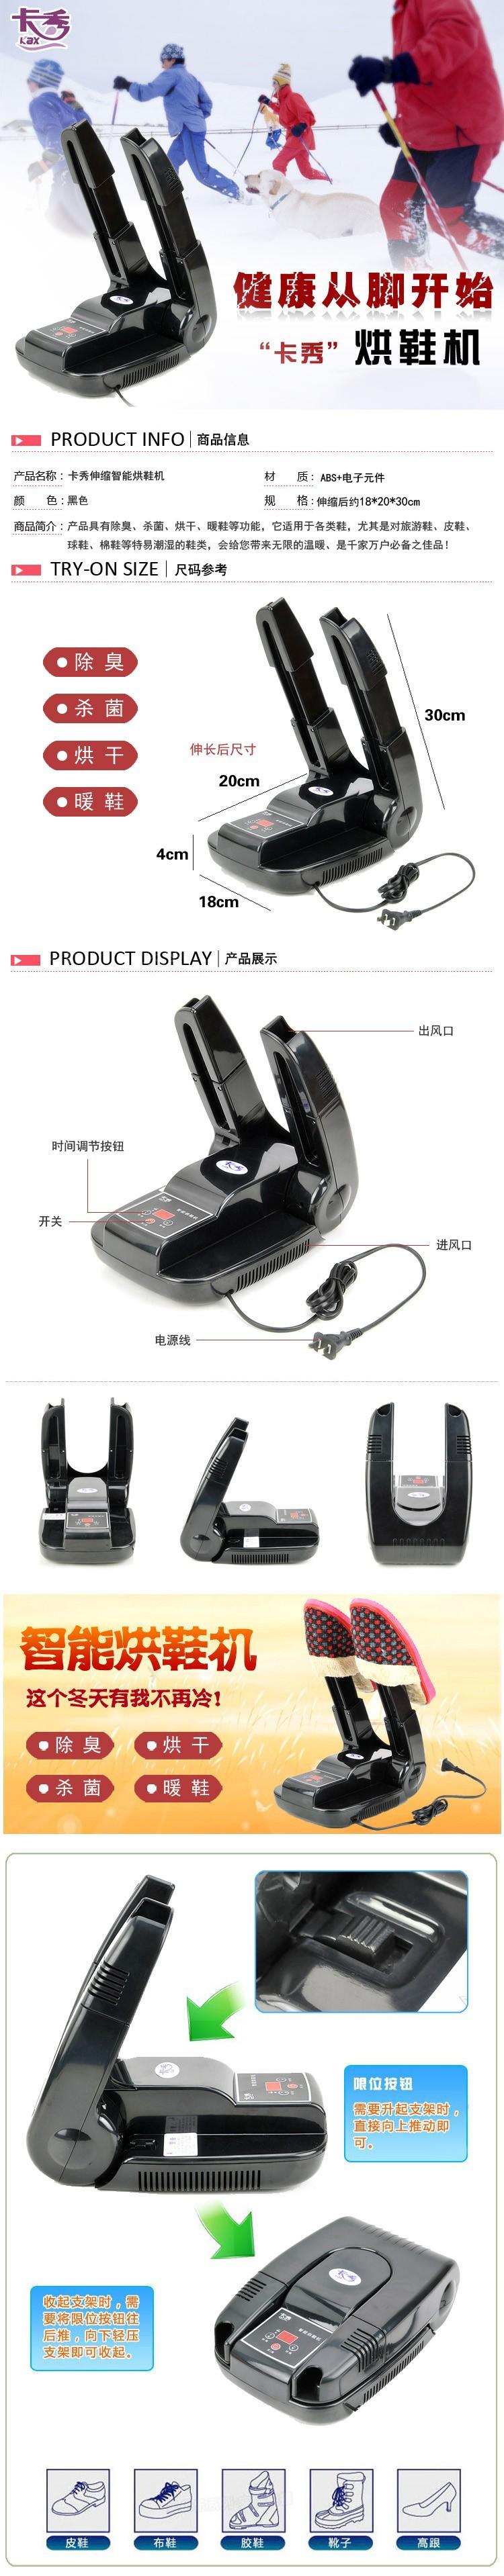 Сушилка для обуви Pincky 1 ( ) HG107885